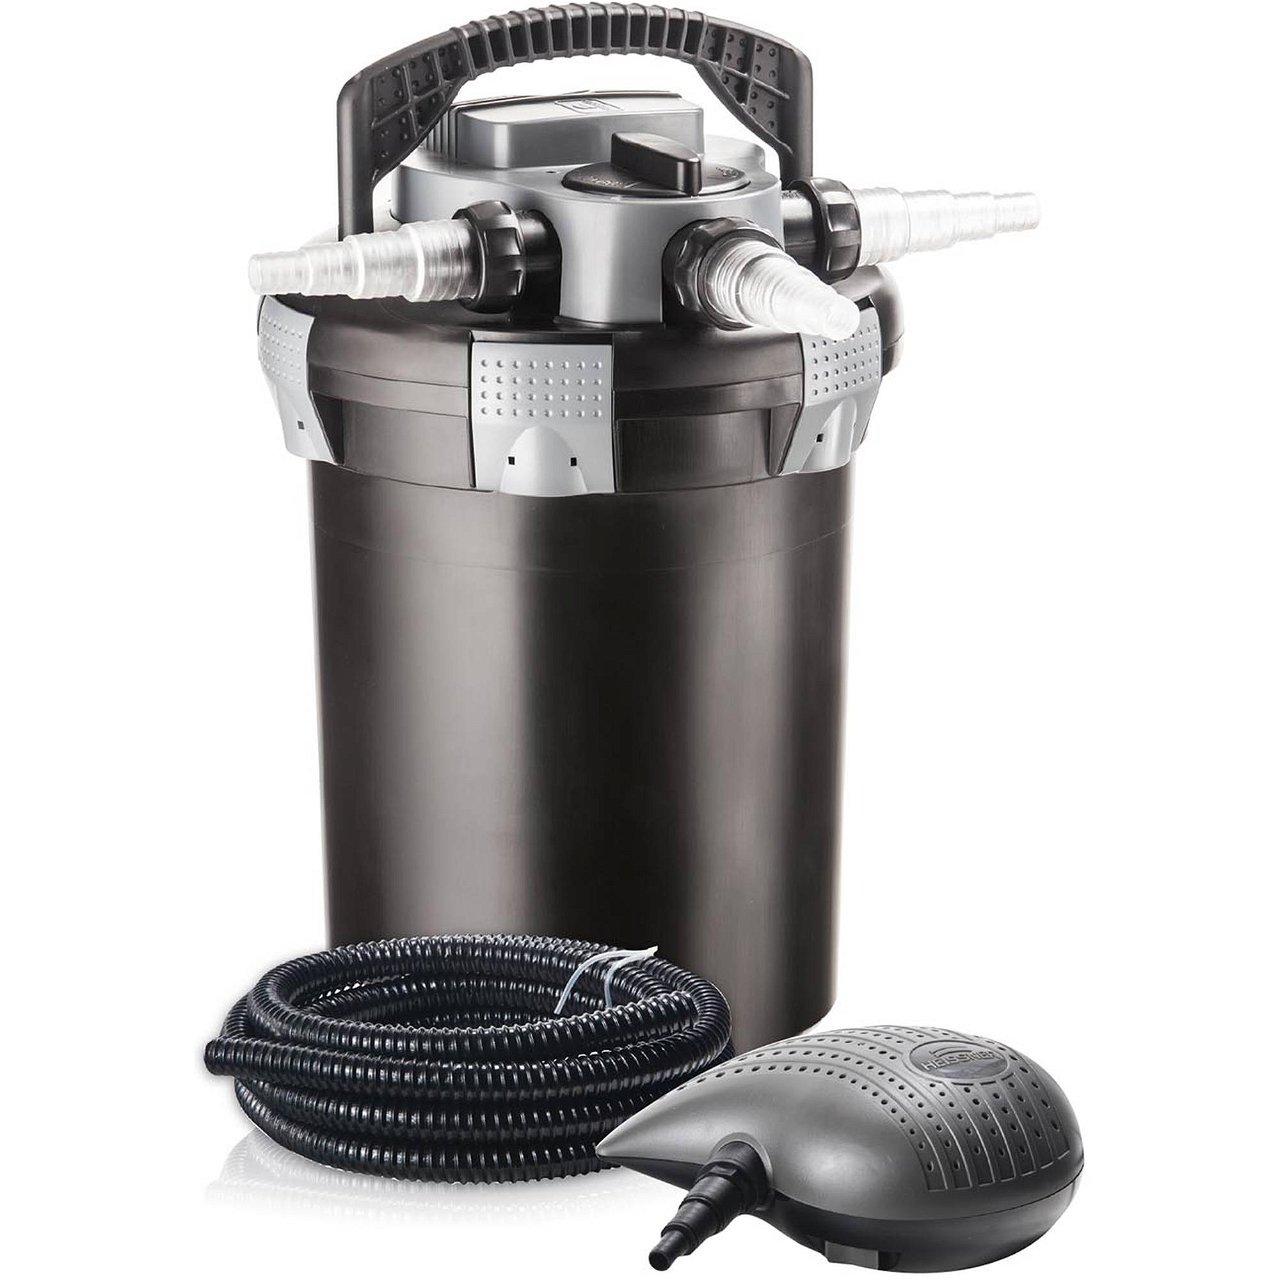 Druckfiltert-Set mit Pumpe + UVC 9W